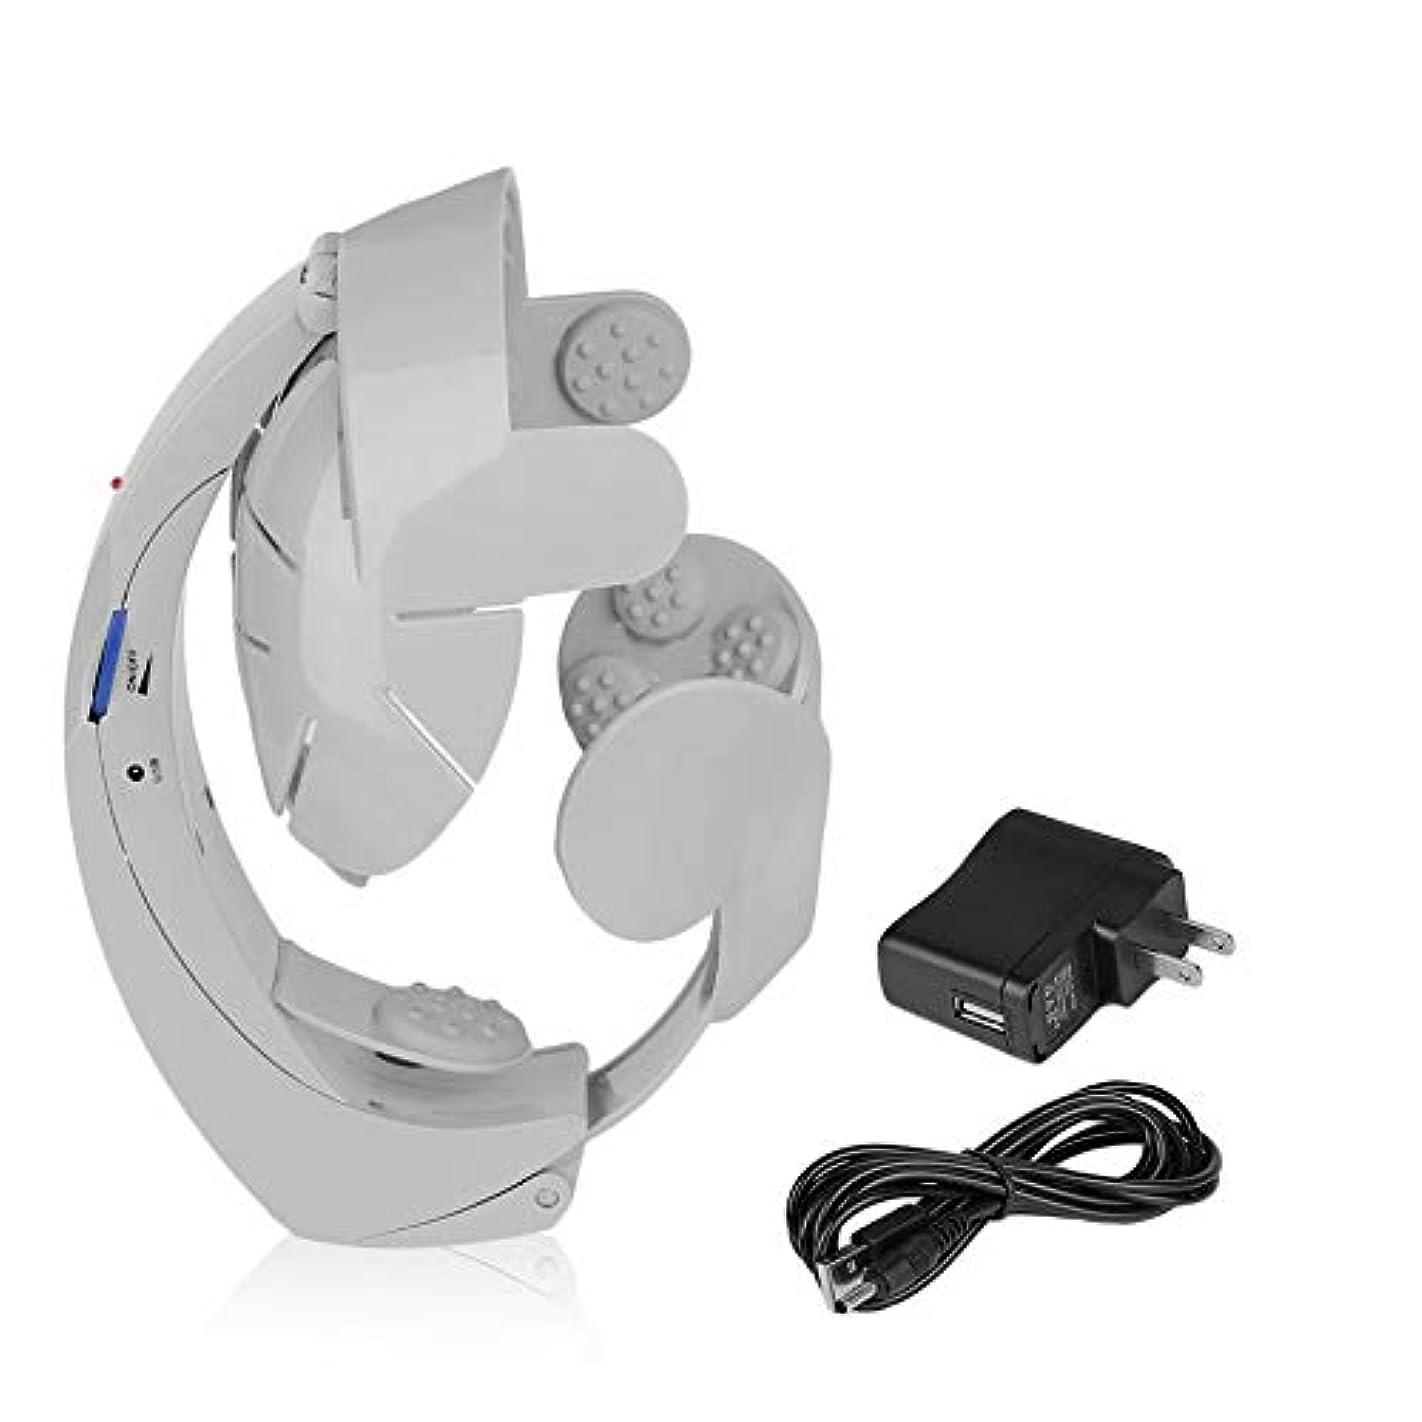 トーストそれに応じて詩人電気ヘッドマッサージャーの脳のマッサージは刺鍼術ポイント灰色の方法を緩めます-Innovationo